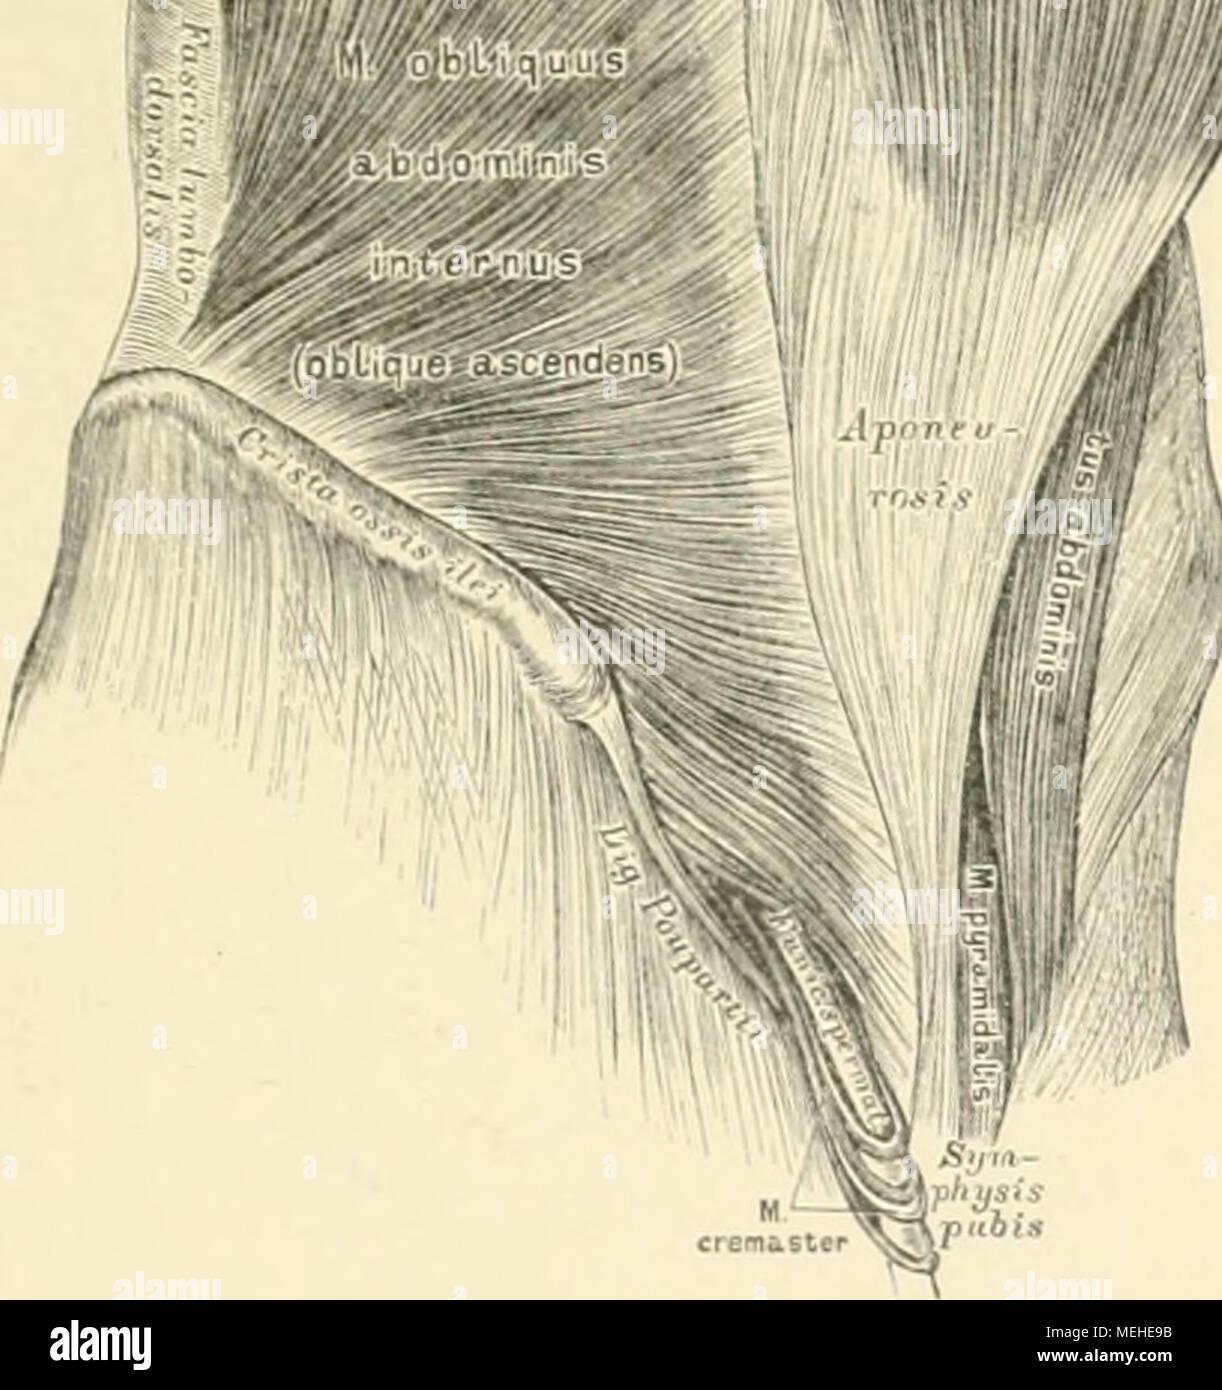 Ungewöhnlich Muskeln Bauch Anatomie Zeitgenössisch - Menschliche ...